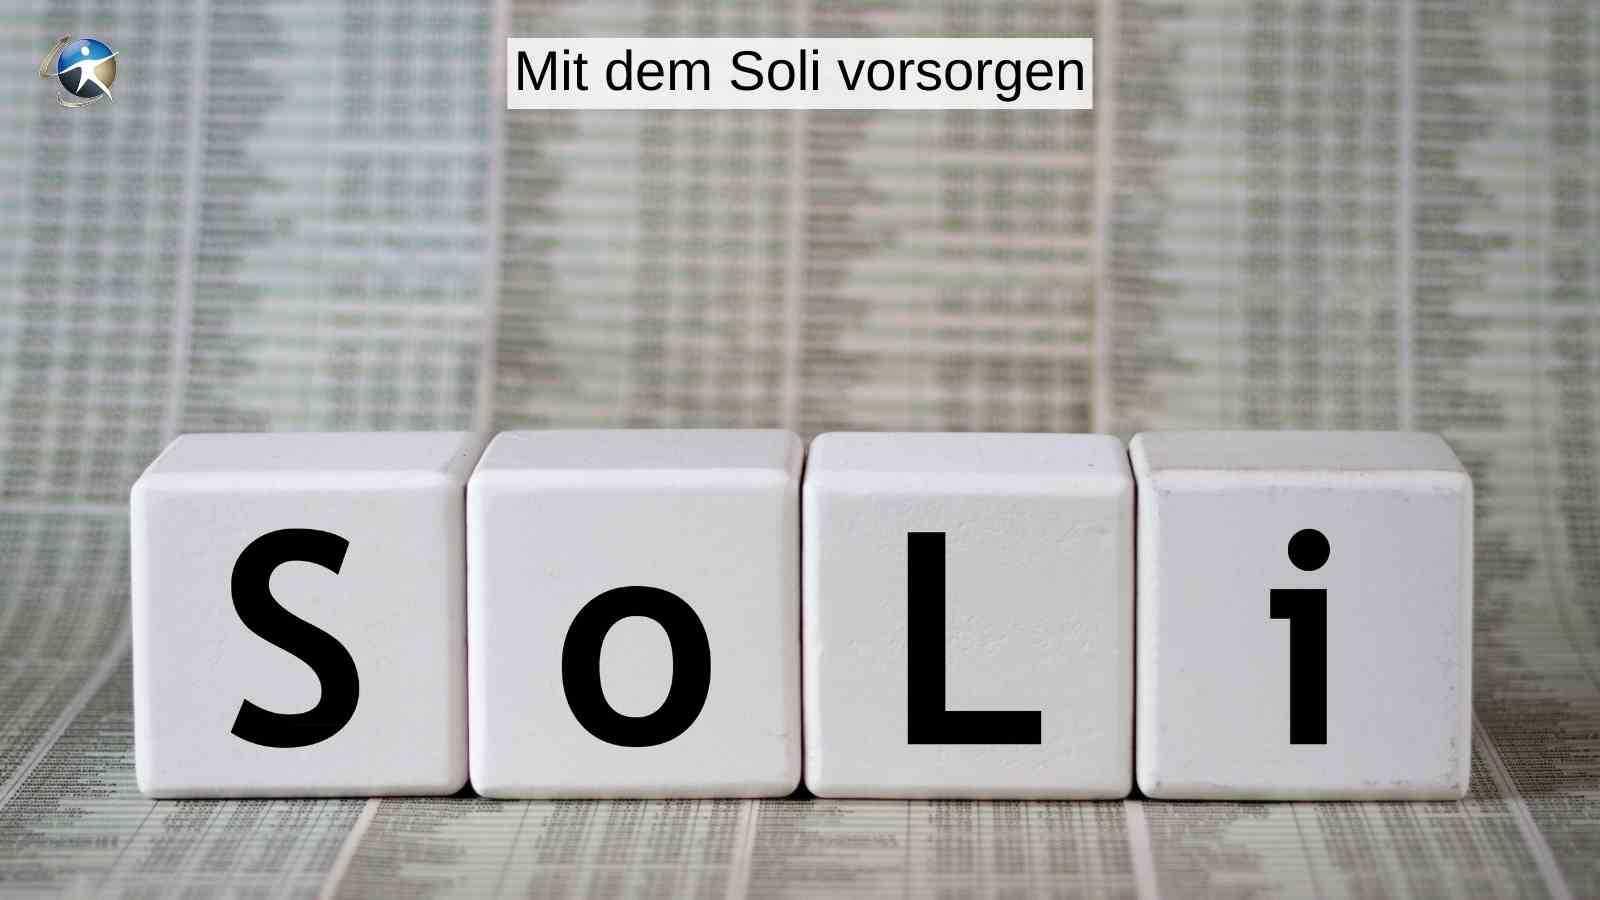 Sprechen Sie die Vorsorge mit dem Soli in der Online-Beratung an